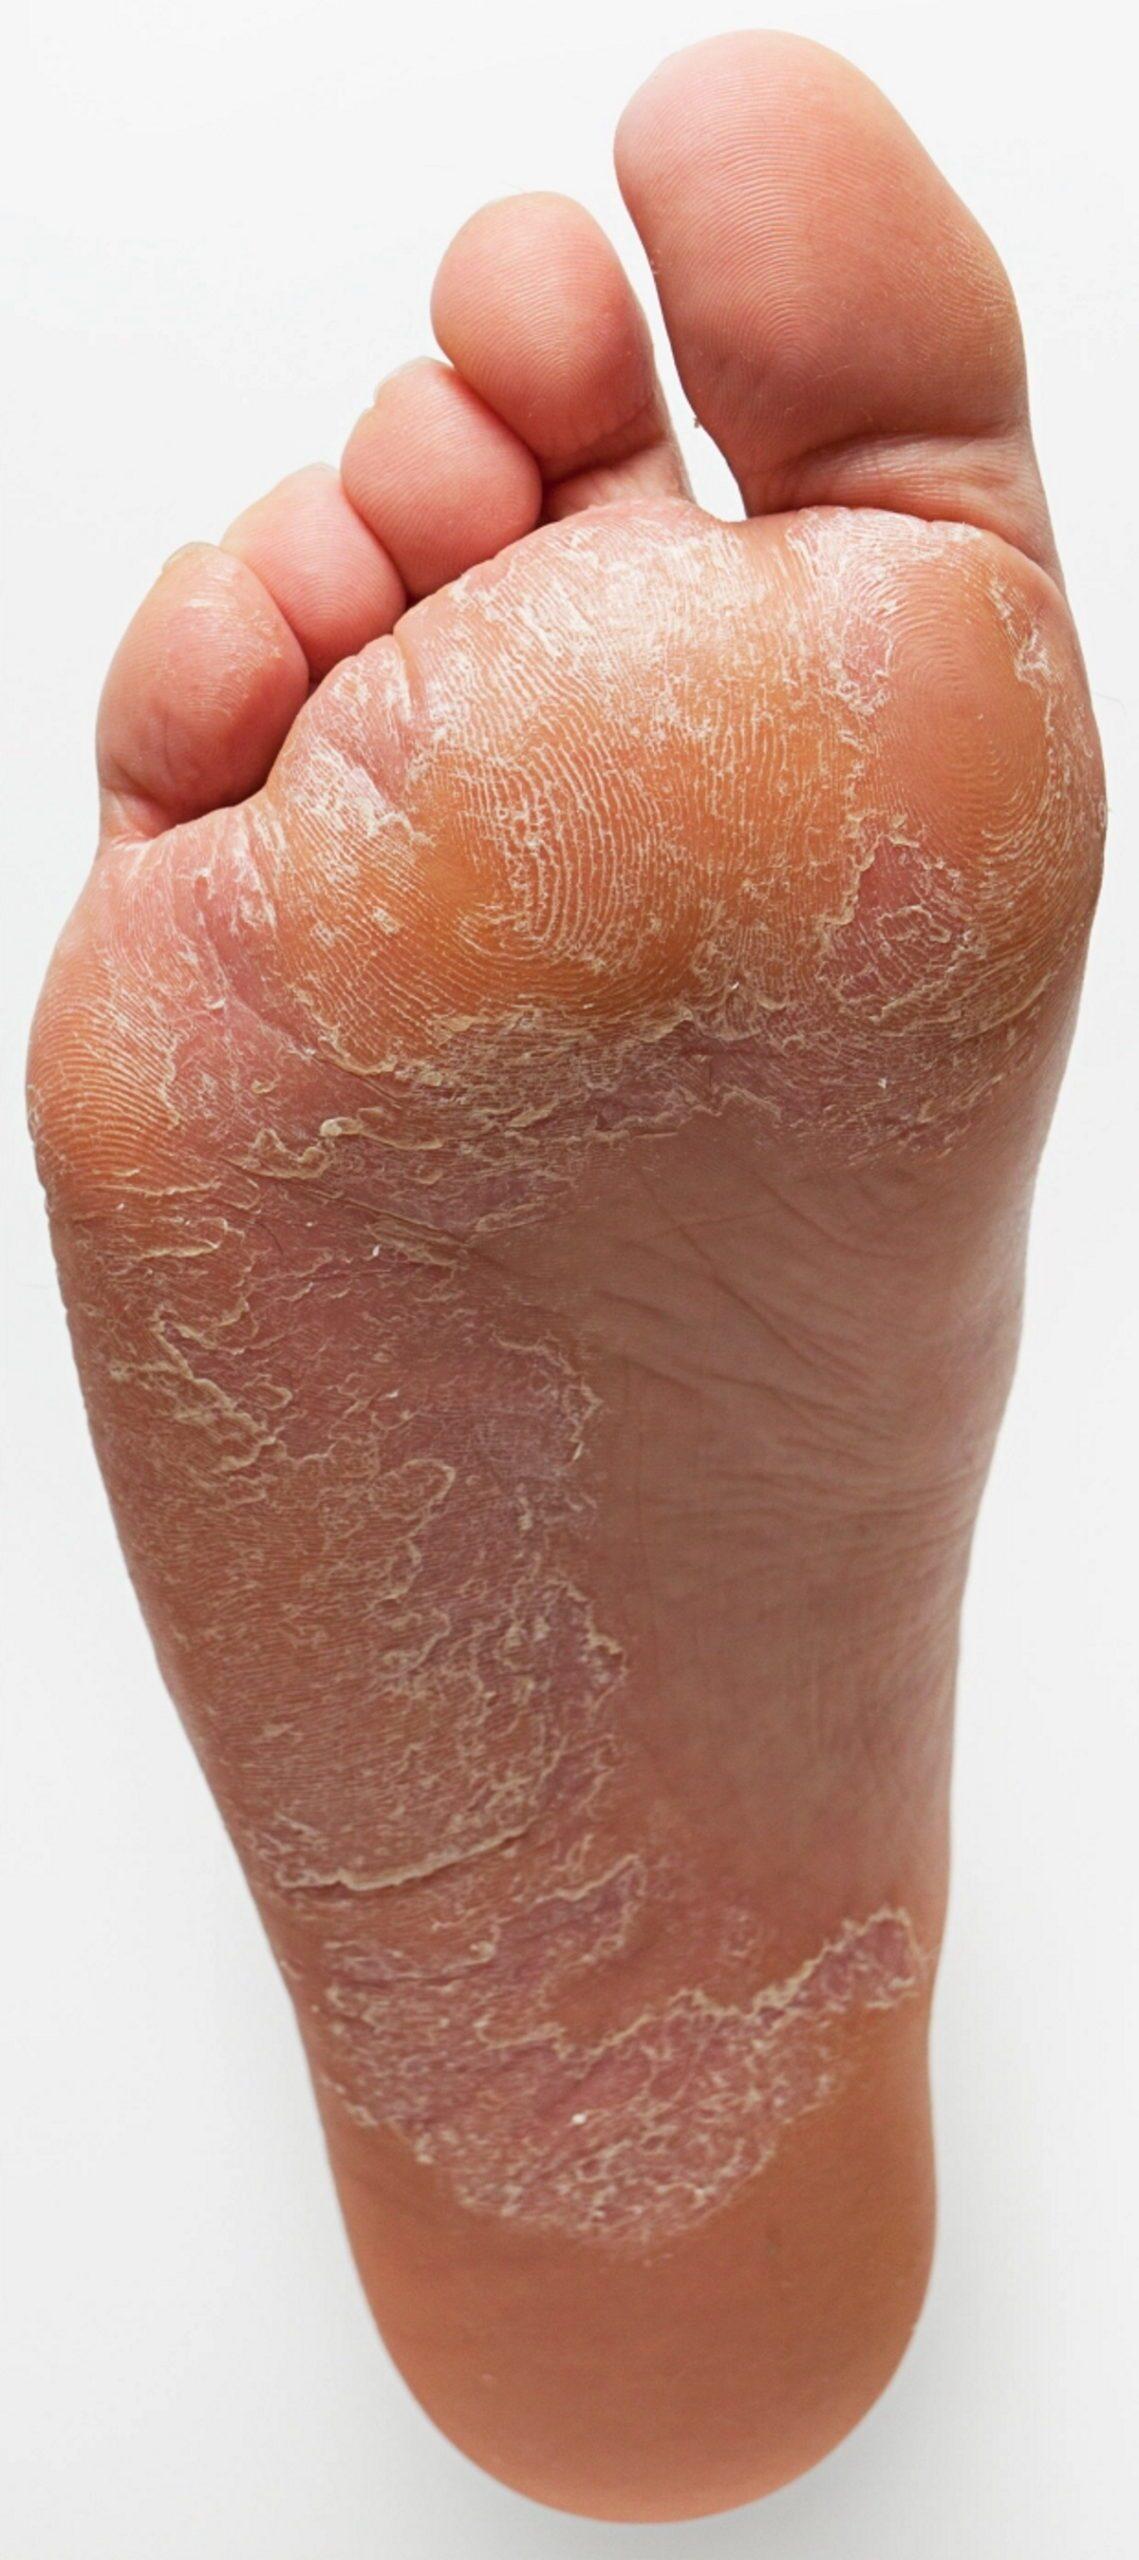 شکل و رفتار پاهای شما نشان دهنده کدام بیماری است؟